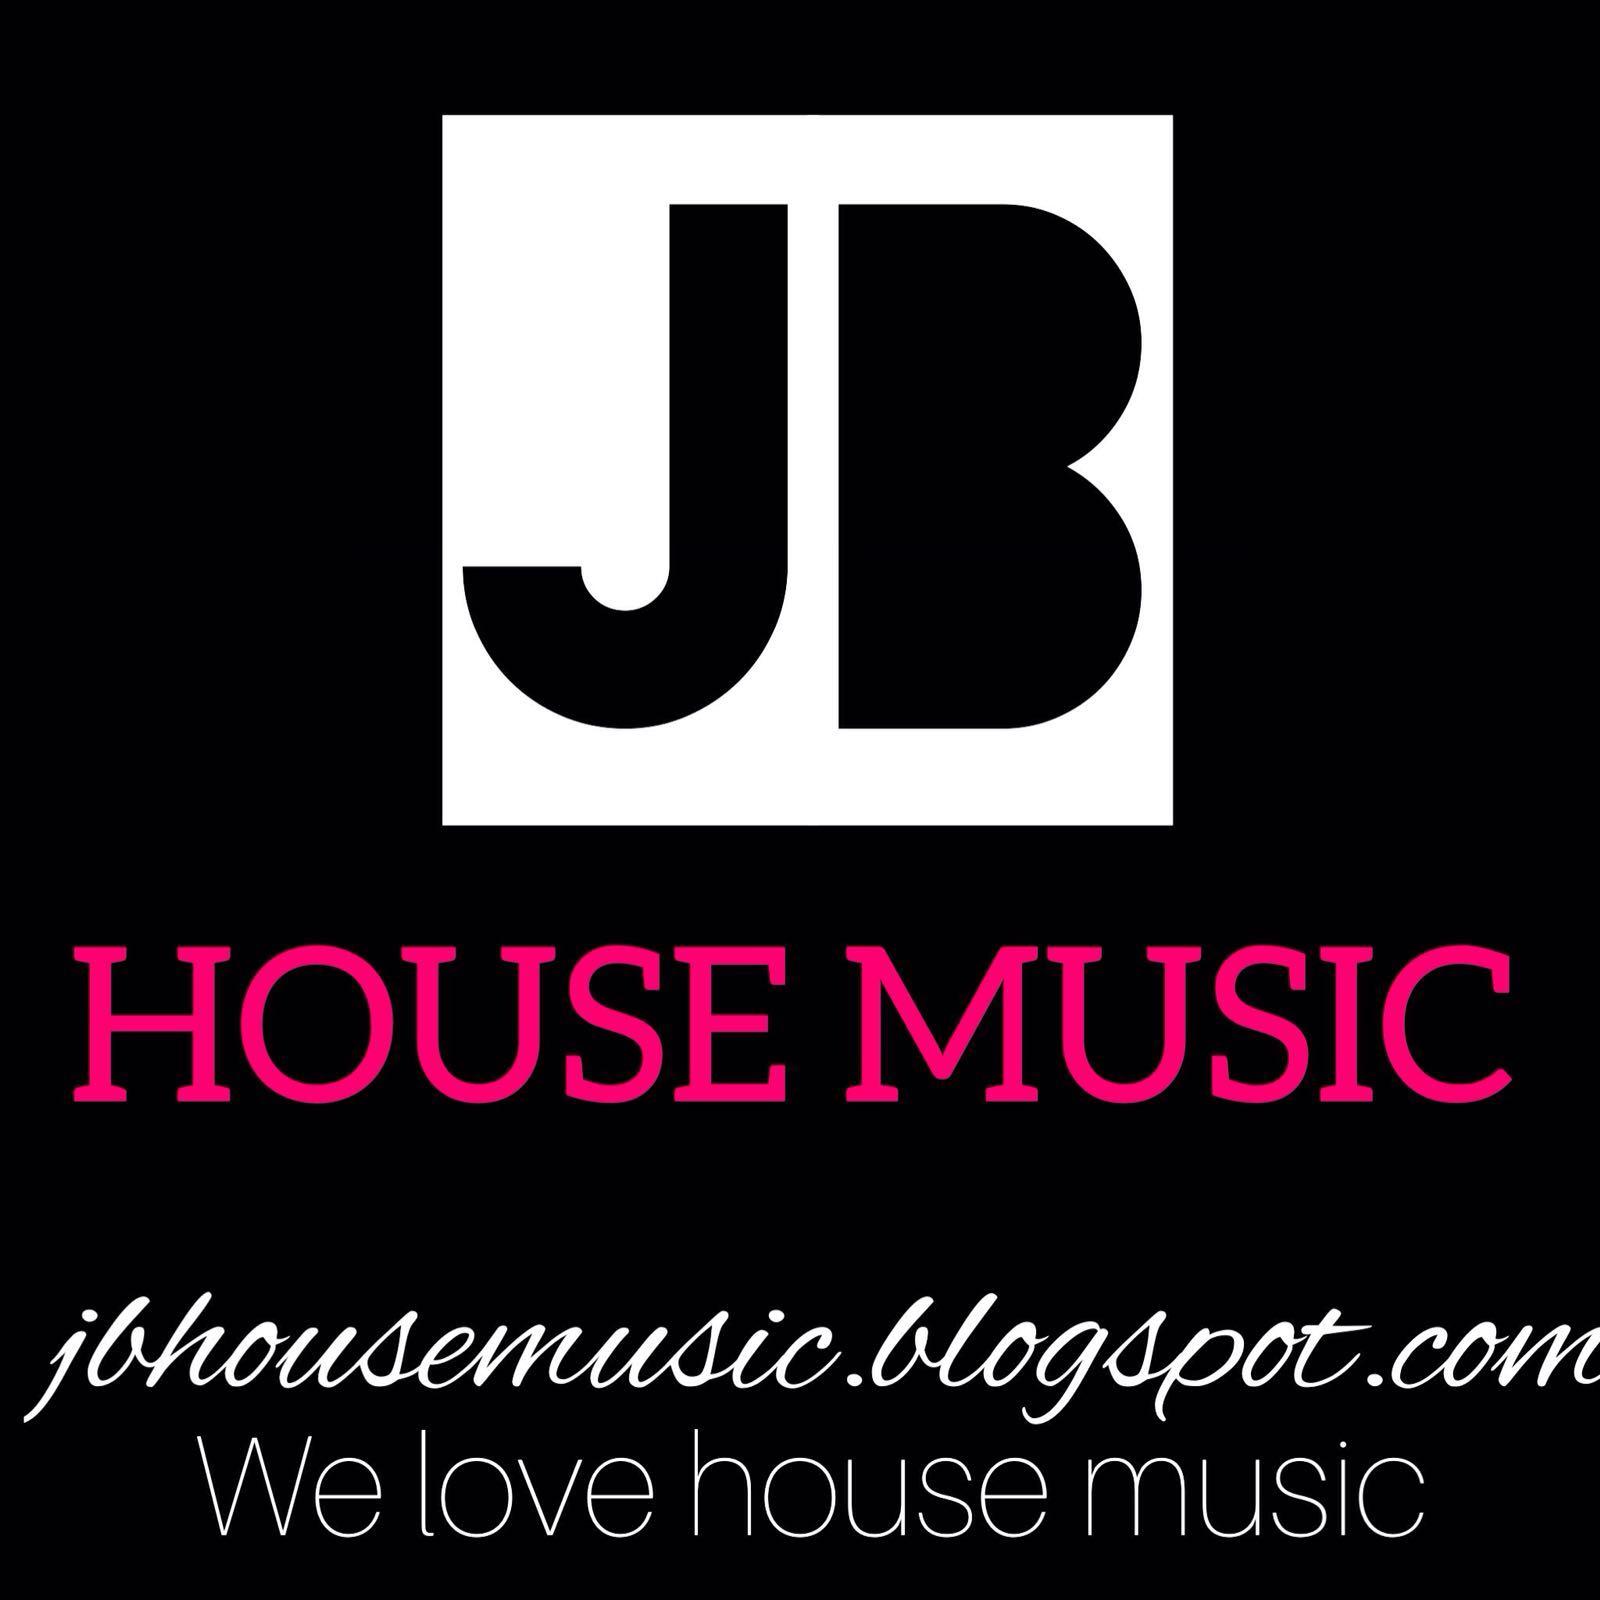 House music forever dj mrega dj justa magnetic for Recent house music